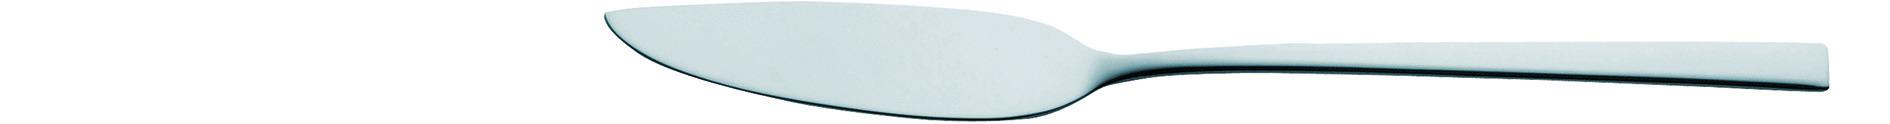 Fischmesser 214 mm